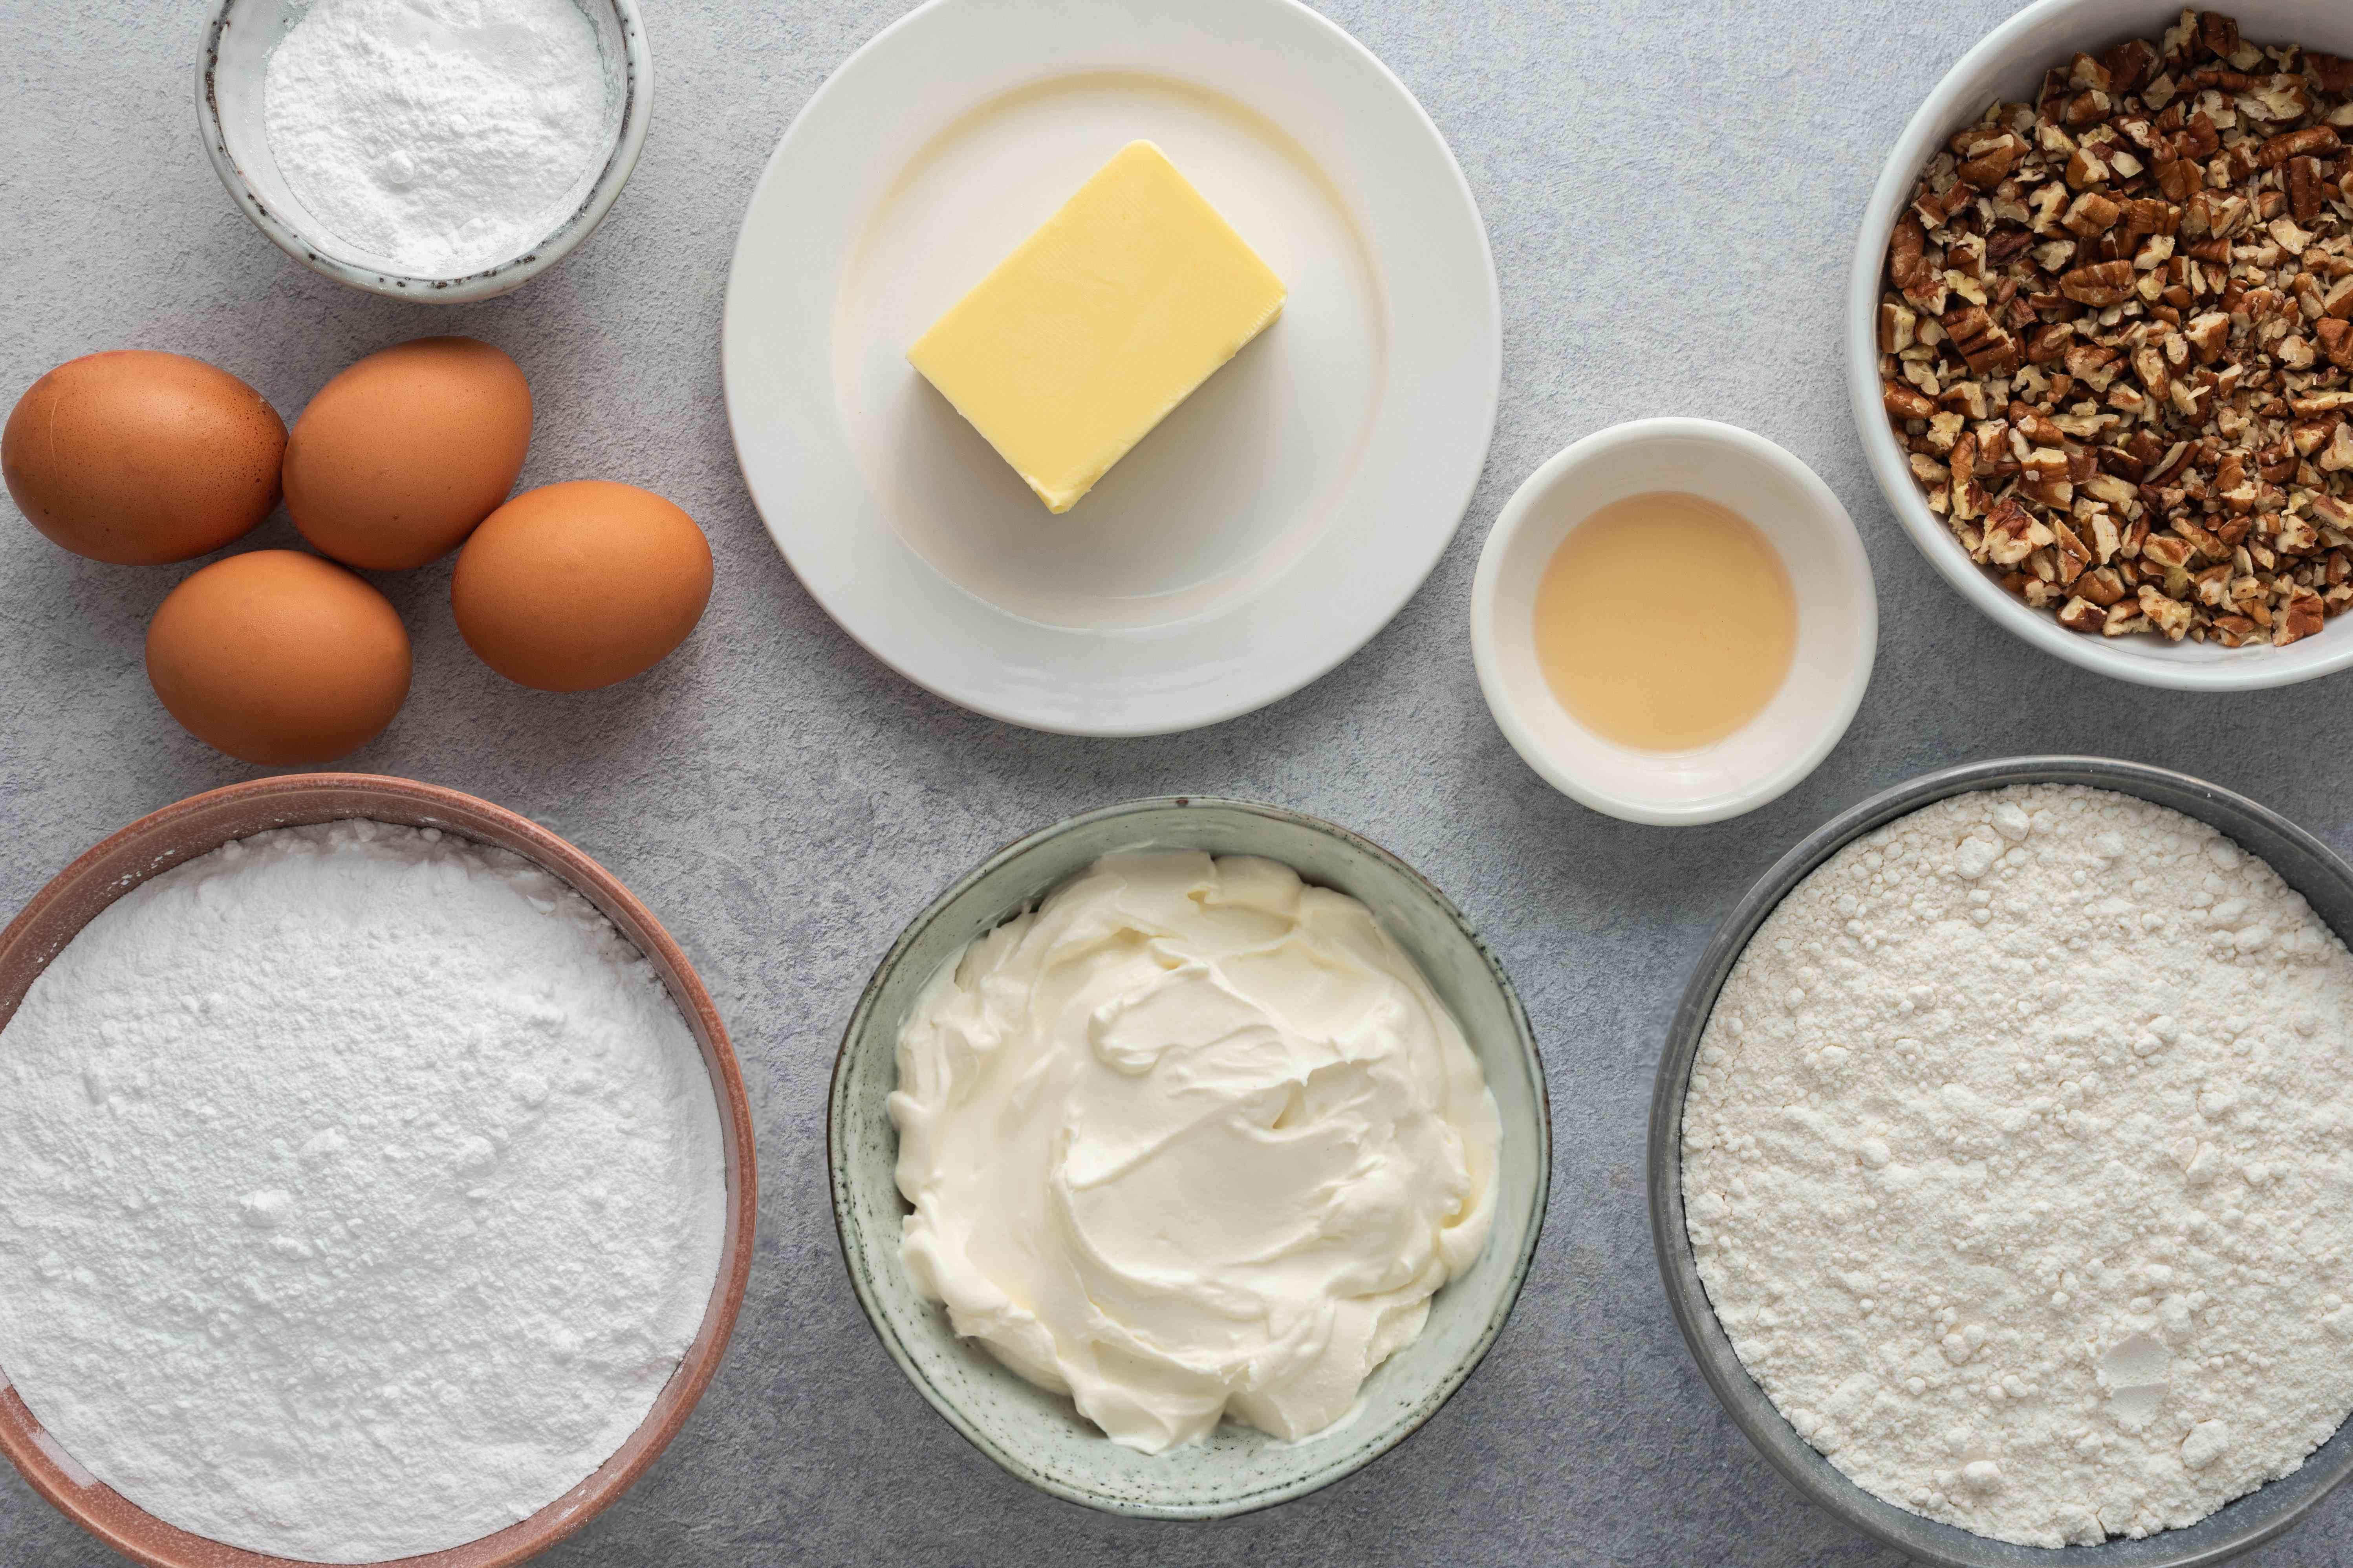 Ooey Gooey Butter Cake ingredients